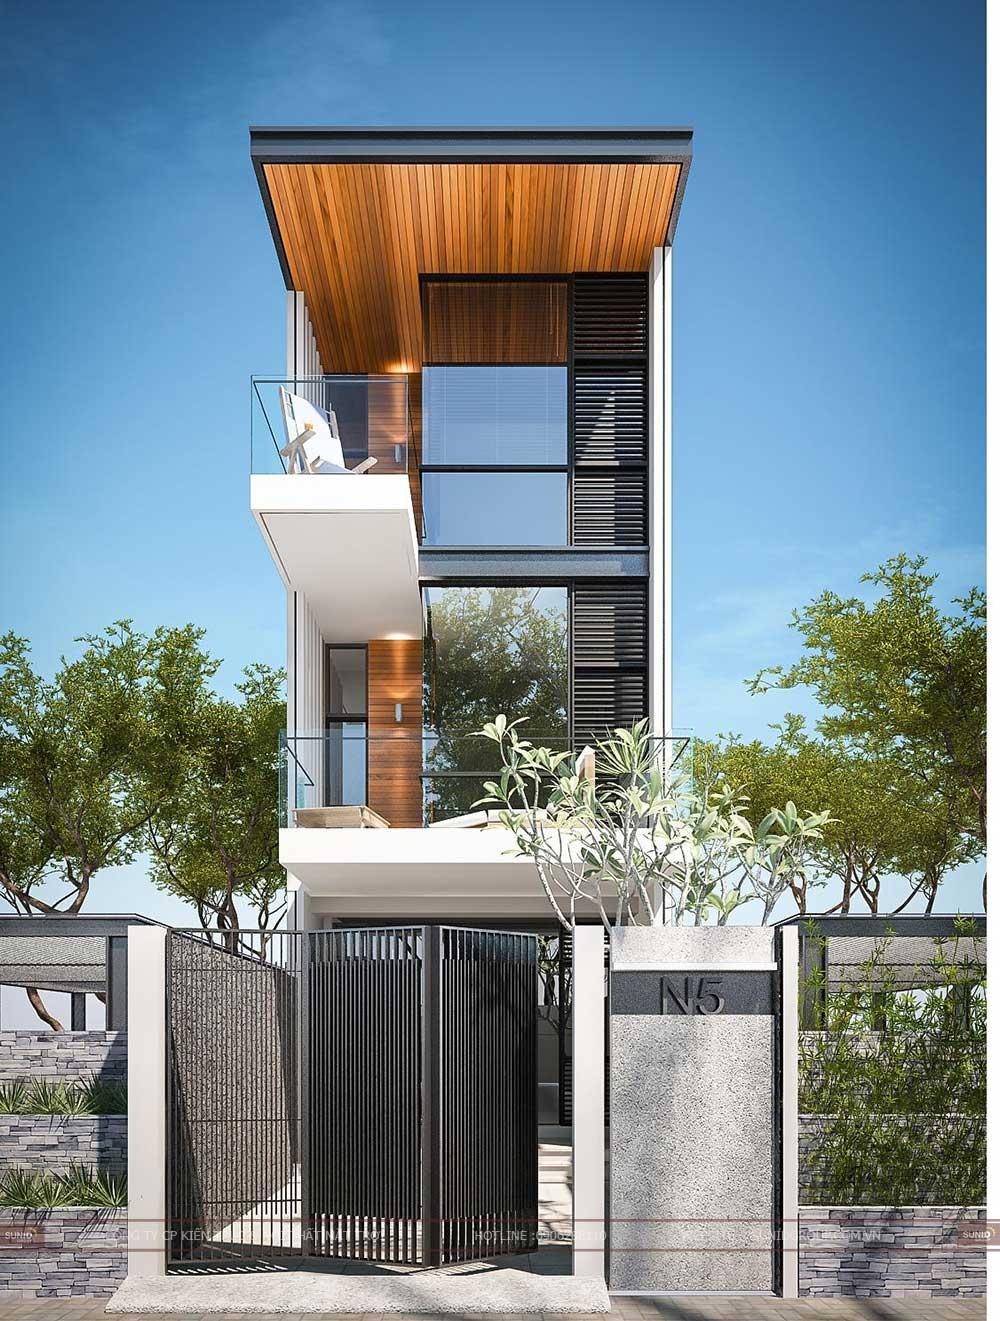 Thiết kế nhà phố 3 tầng 3 phòng ngủ trọn gói cho anh Lĩnh Thanh Xuân